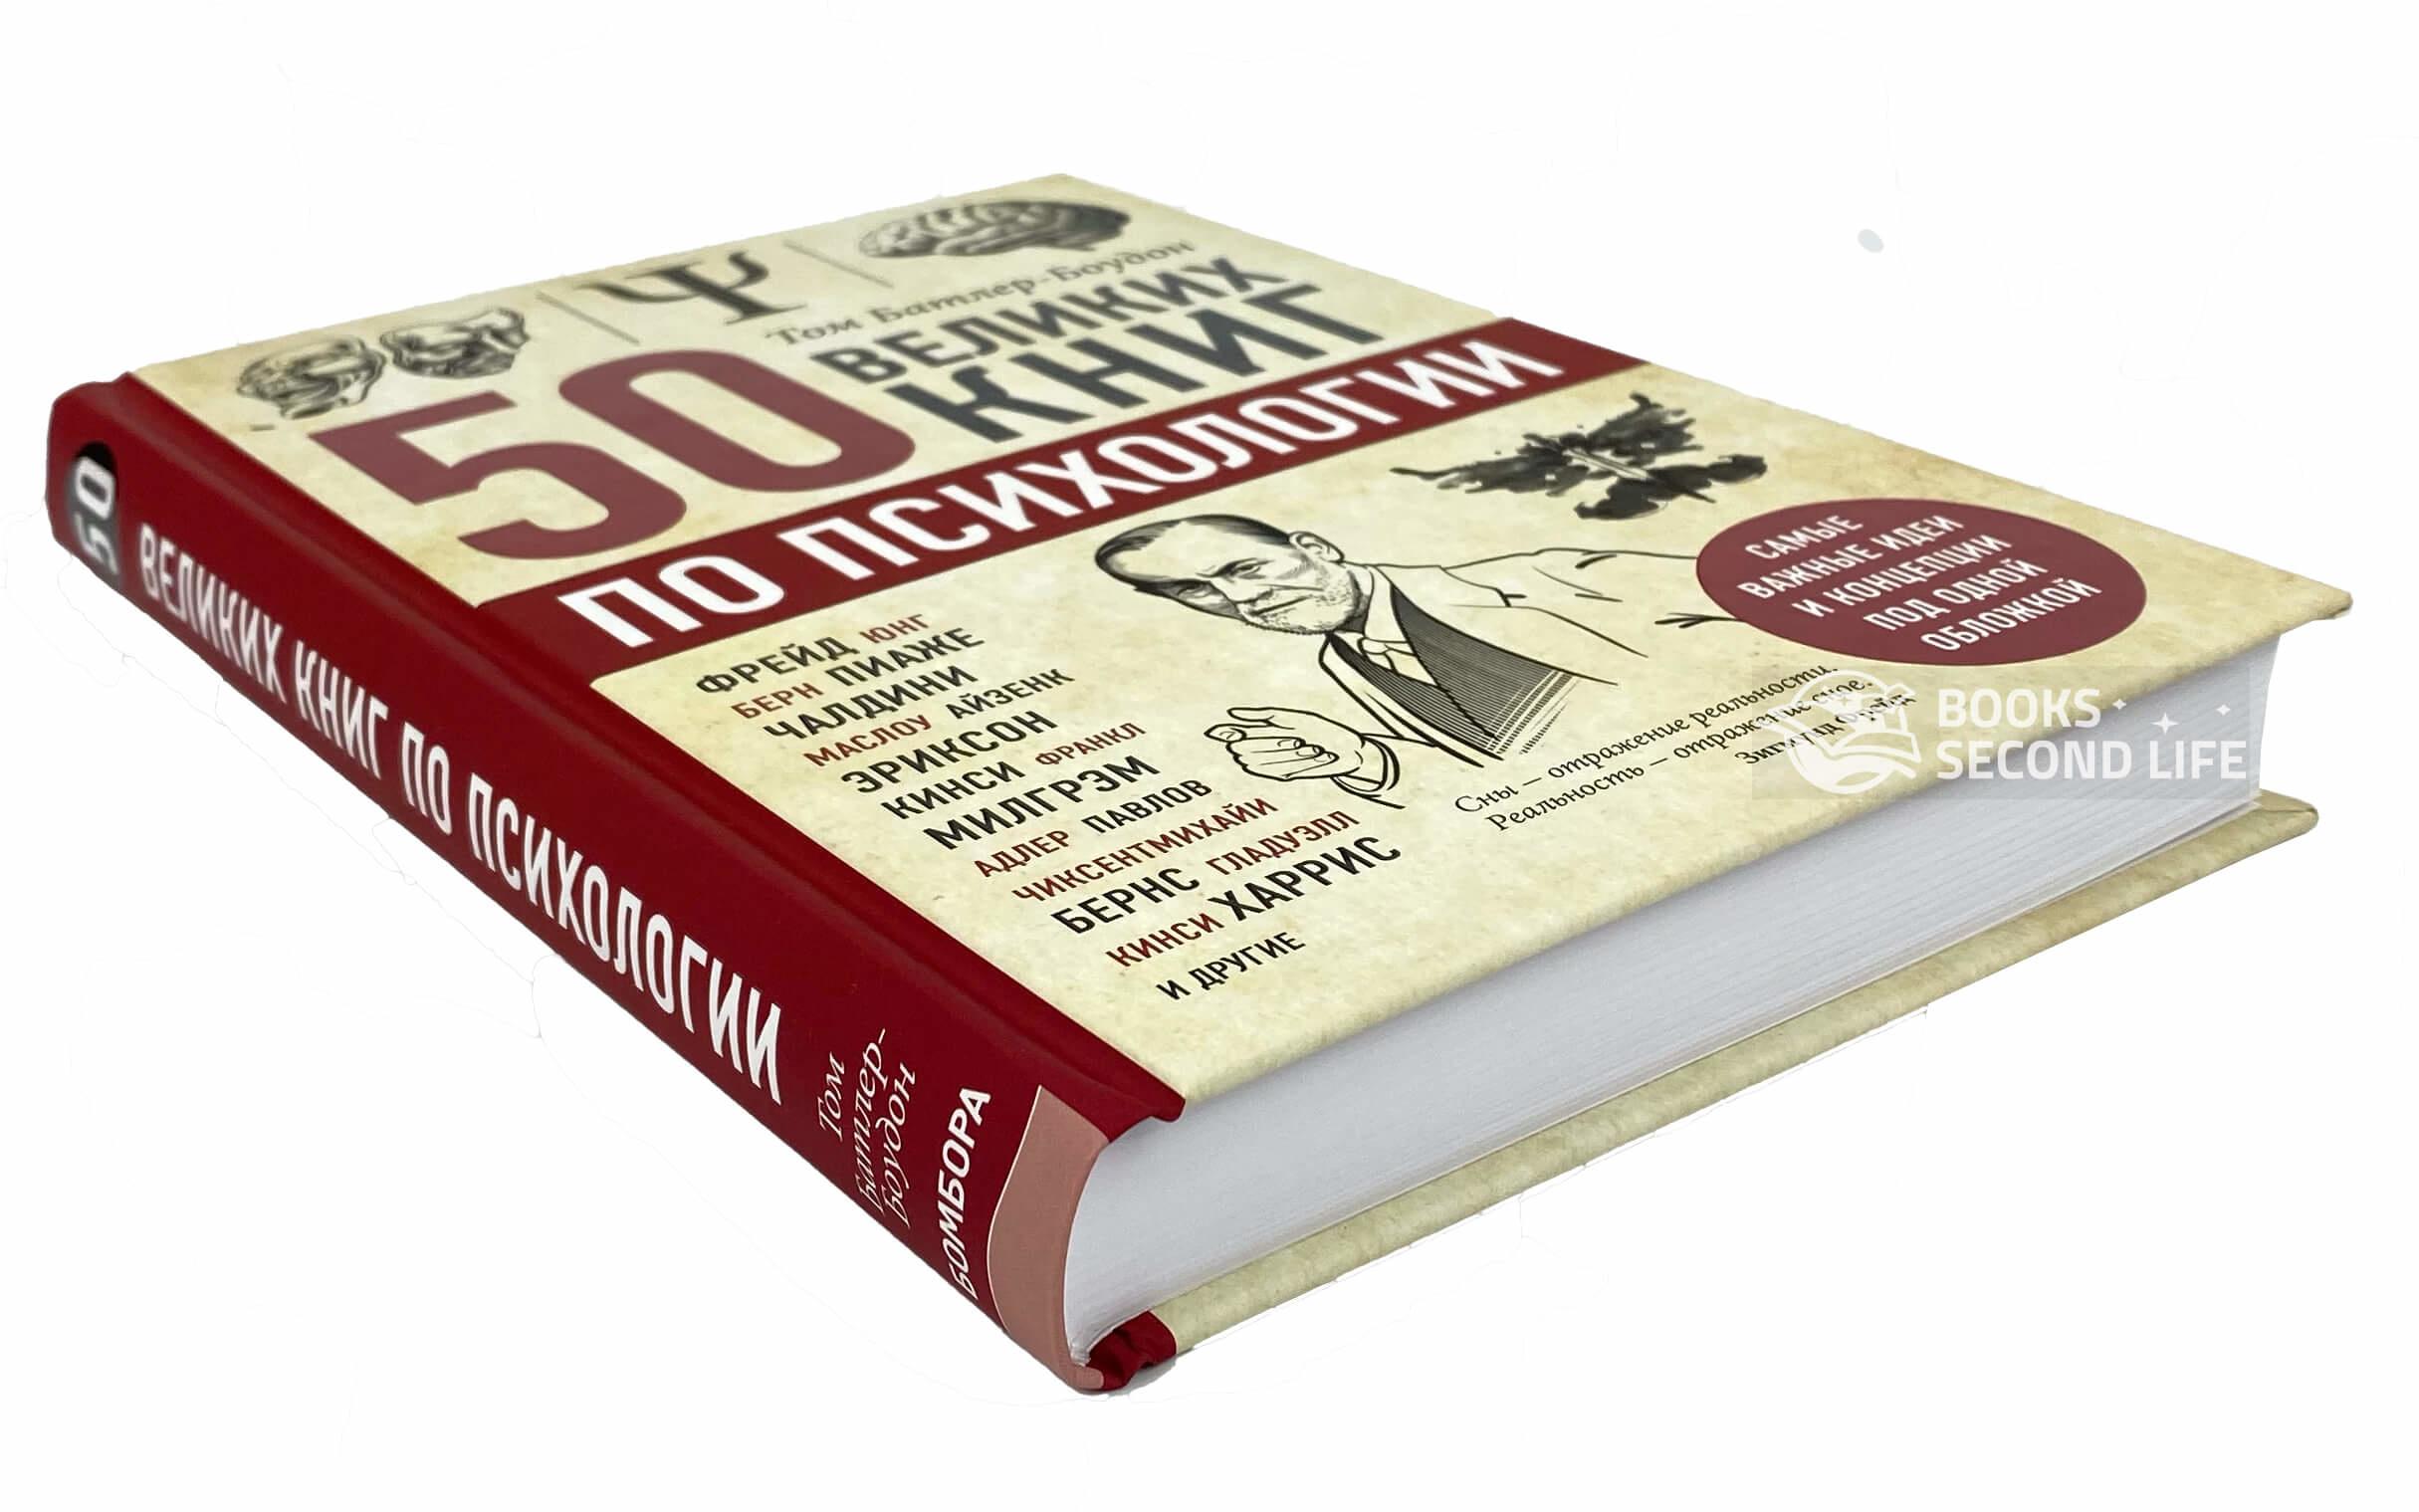 50 великих книг по психологии. Автор — Том Батлер-Боудон.